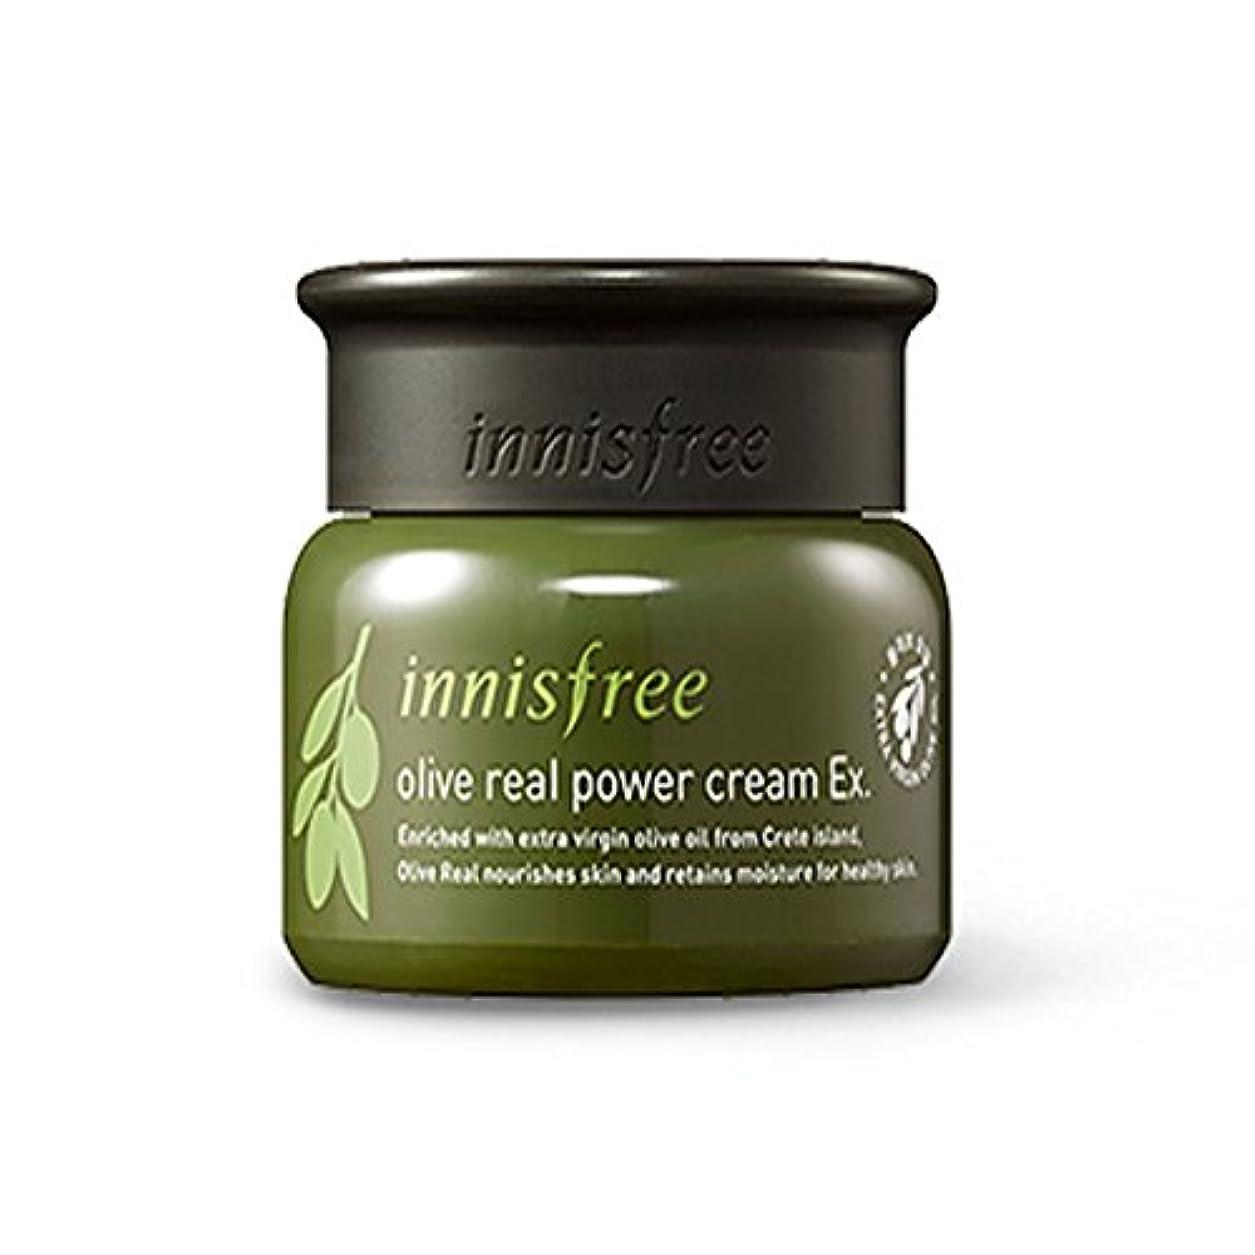 うそつき動物園小石イニスフリーオリーブリアルパワークリームEx 50ml / innisfree Olive real power cream Ex. 50ml[海外直送品][並行輸入品]